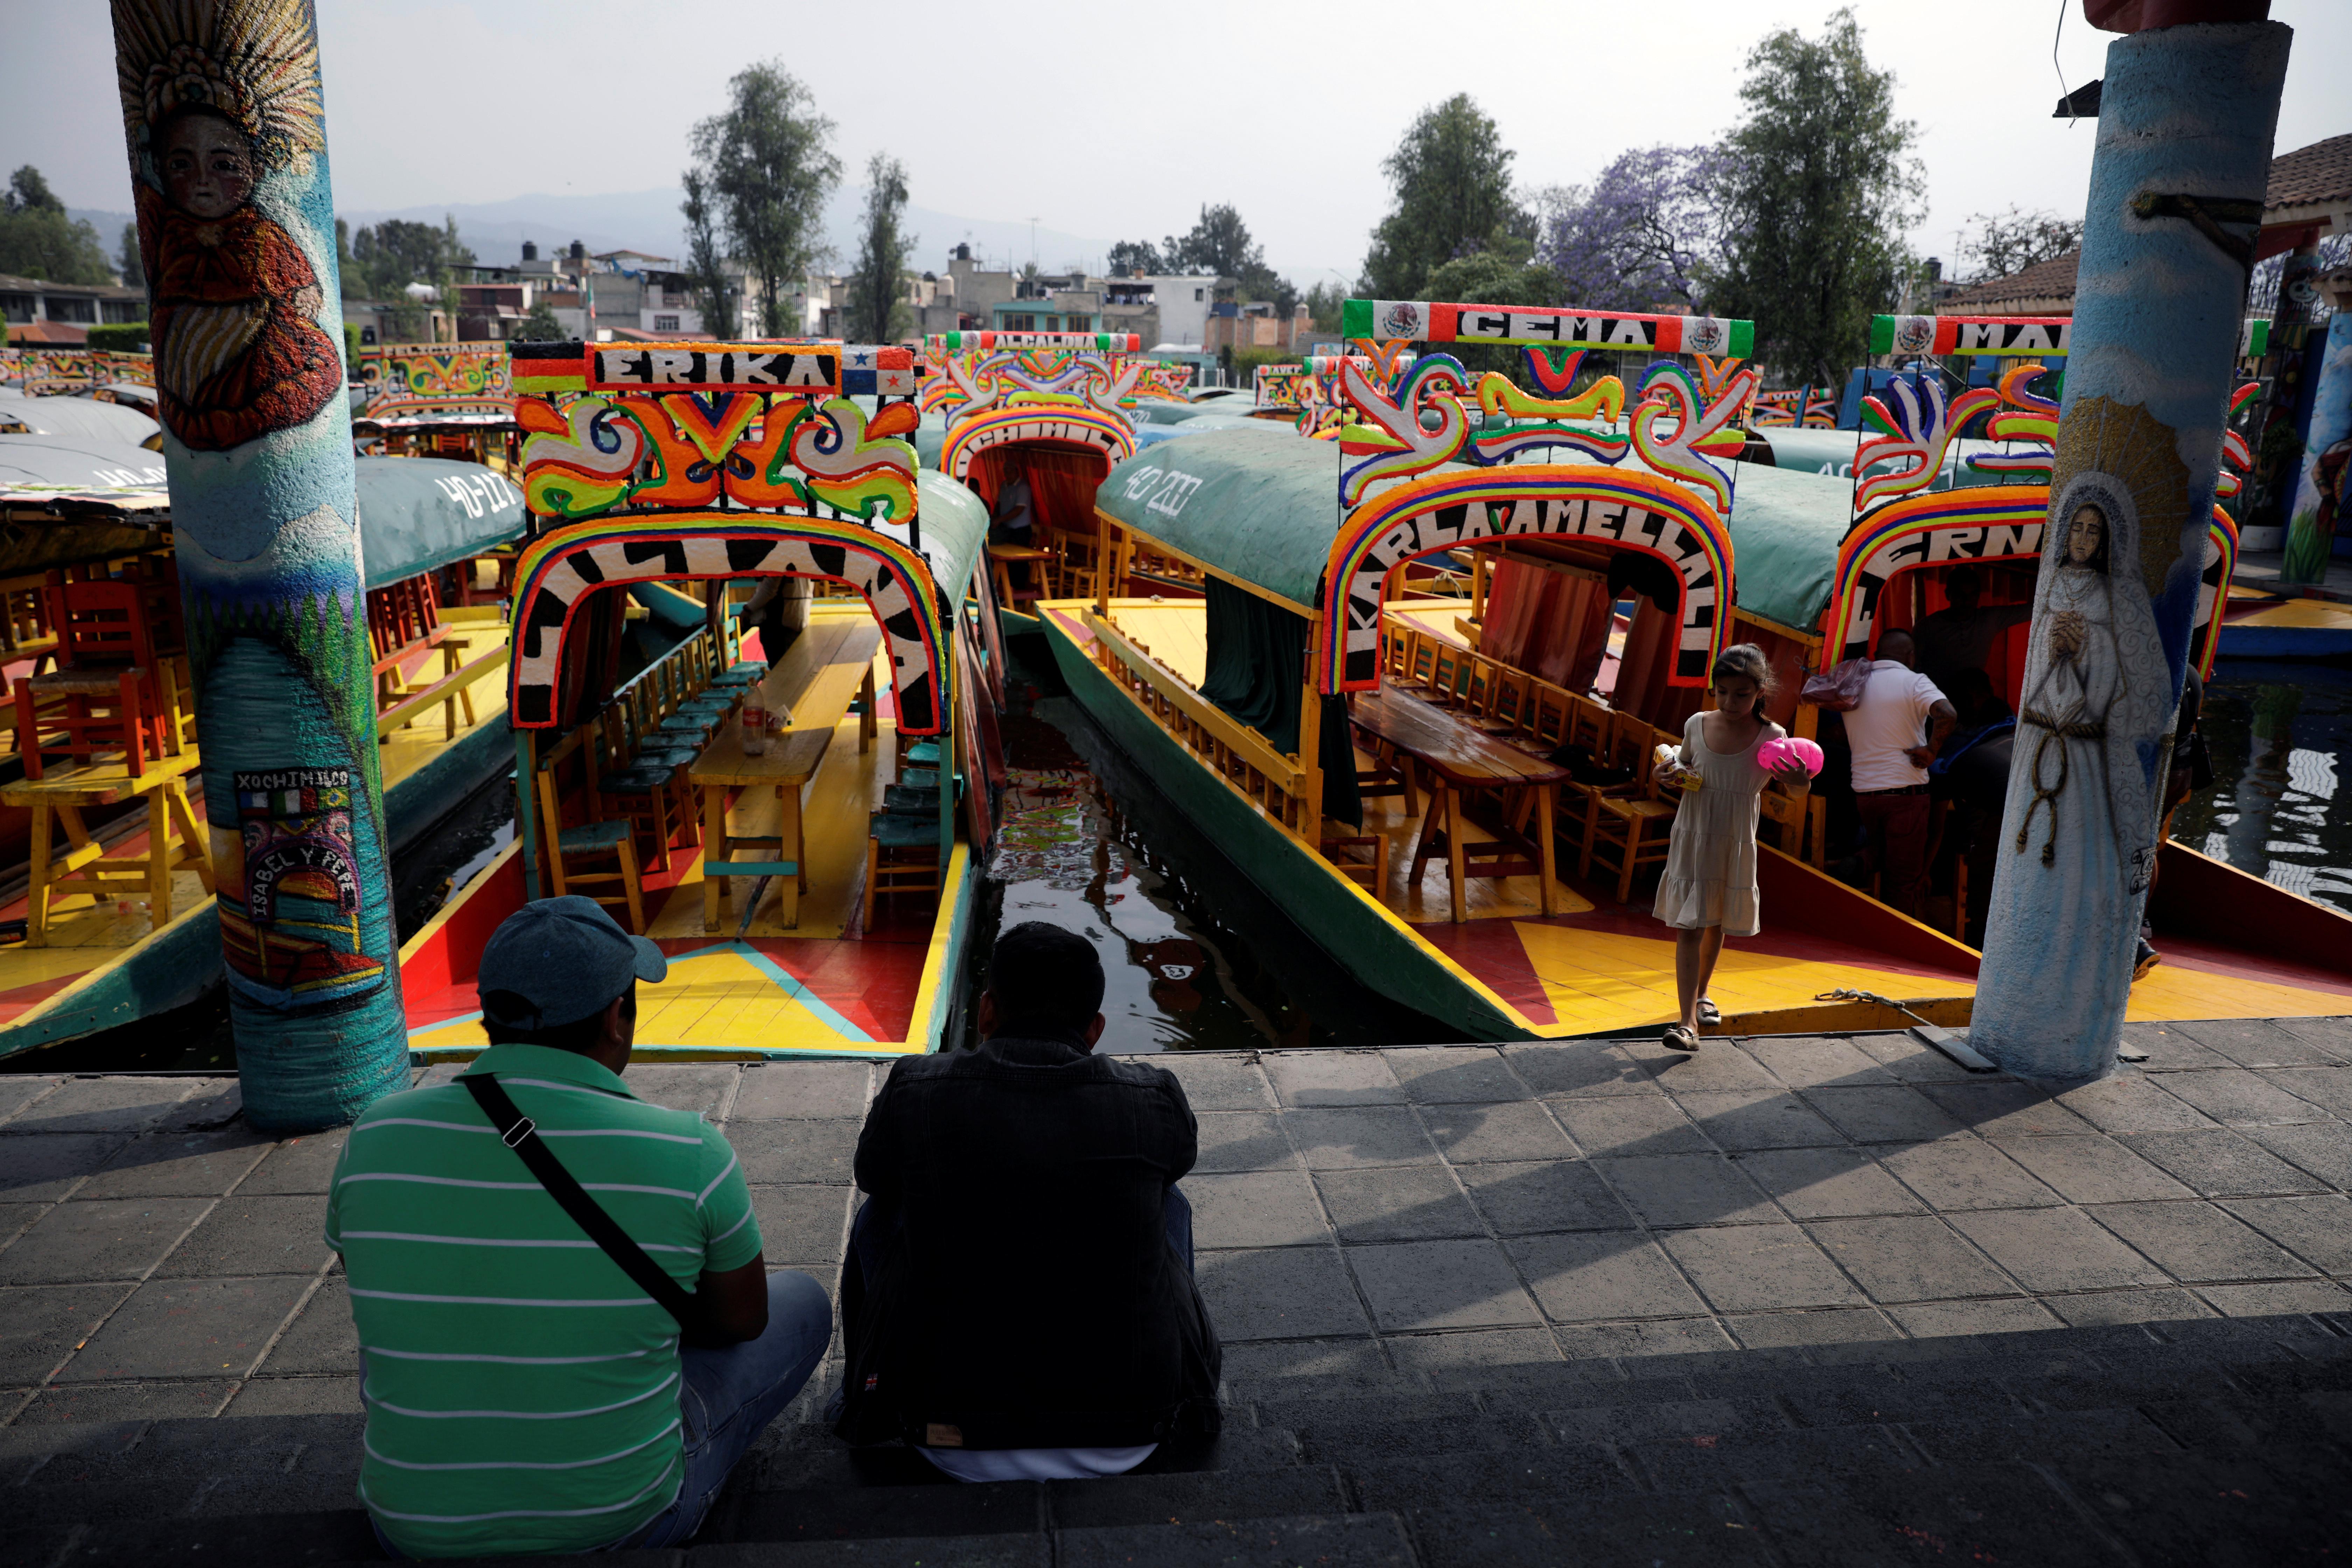 Las trajineras (botes) están estacionadas en Xochimilco debido a la falta de clientes, ya que el Ministerio de Salud de México instó a las personas a mantener una